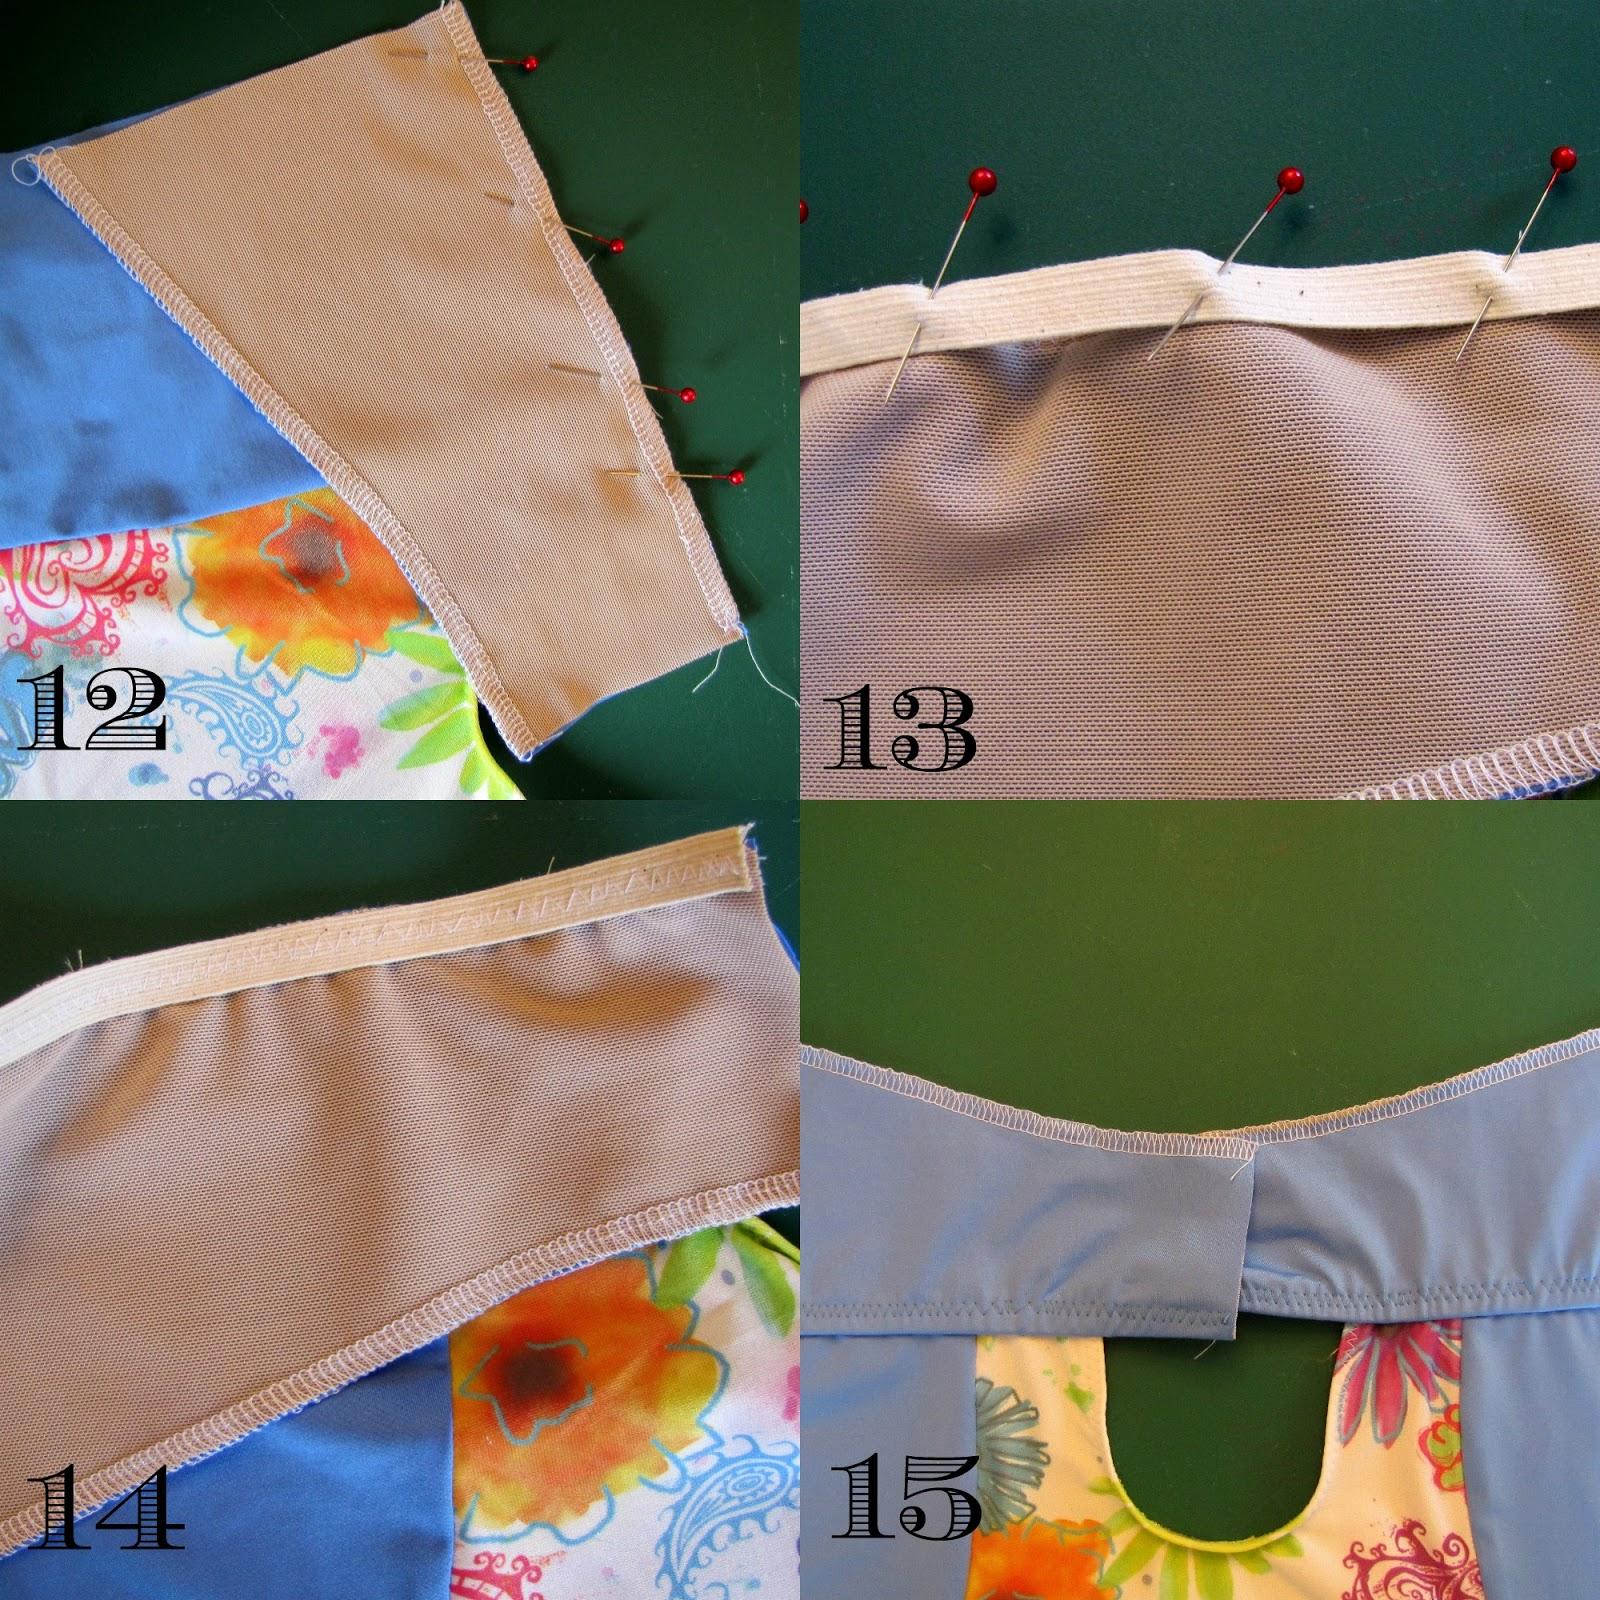 Sophie Swimsuit, Closet Case Files, View A & B Hack, Vancouver Sewing Blog, Vancouver Sewing Blogger